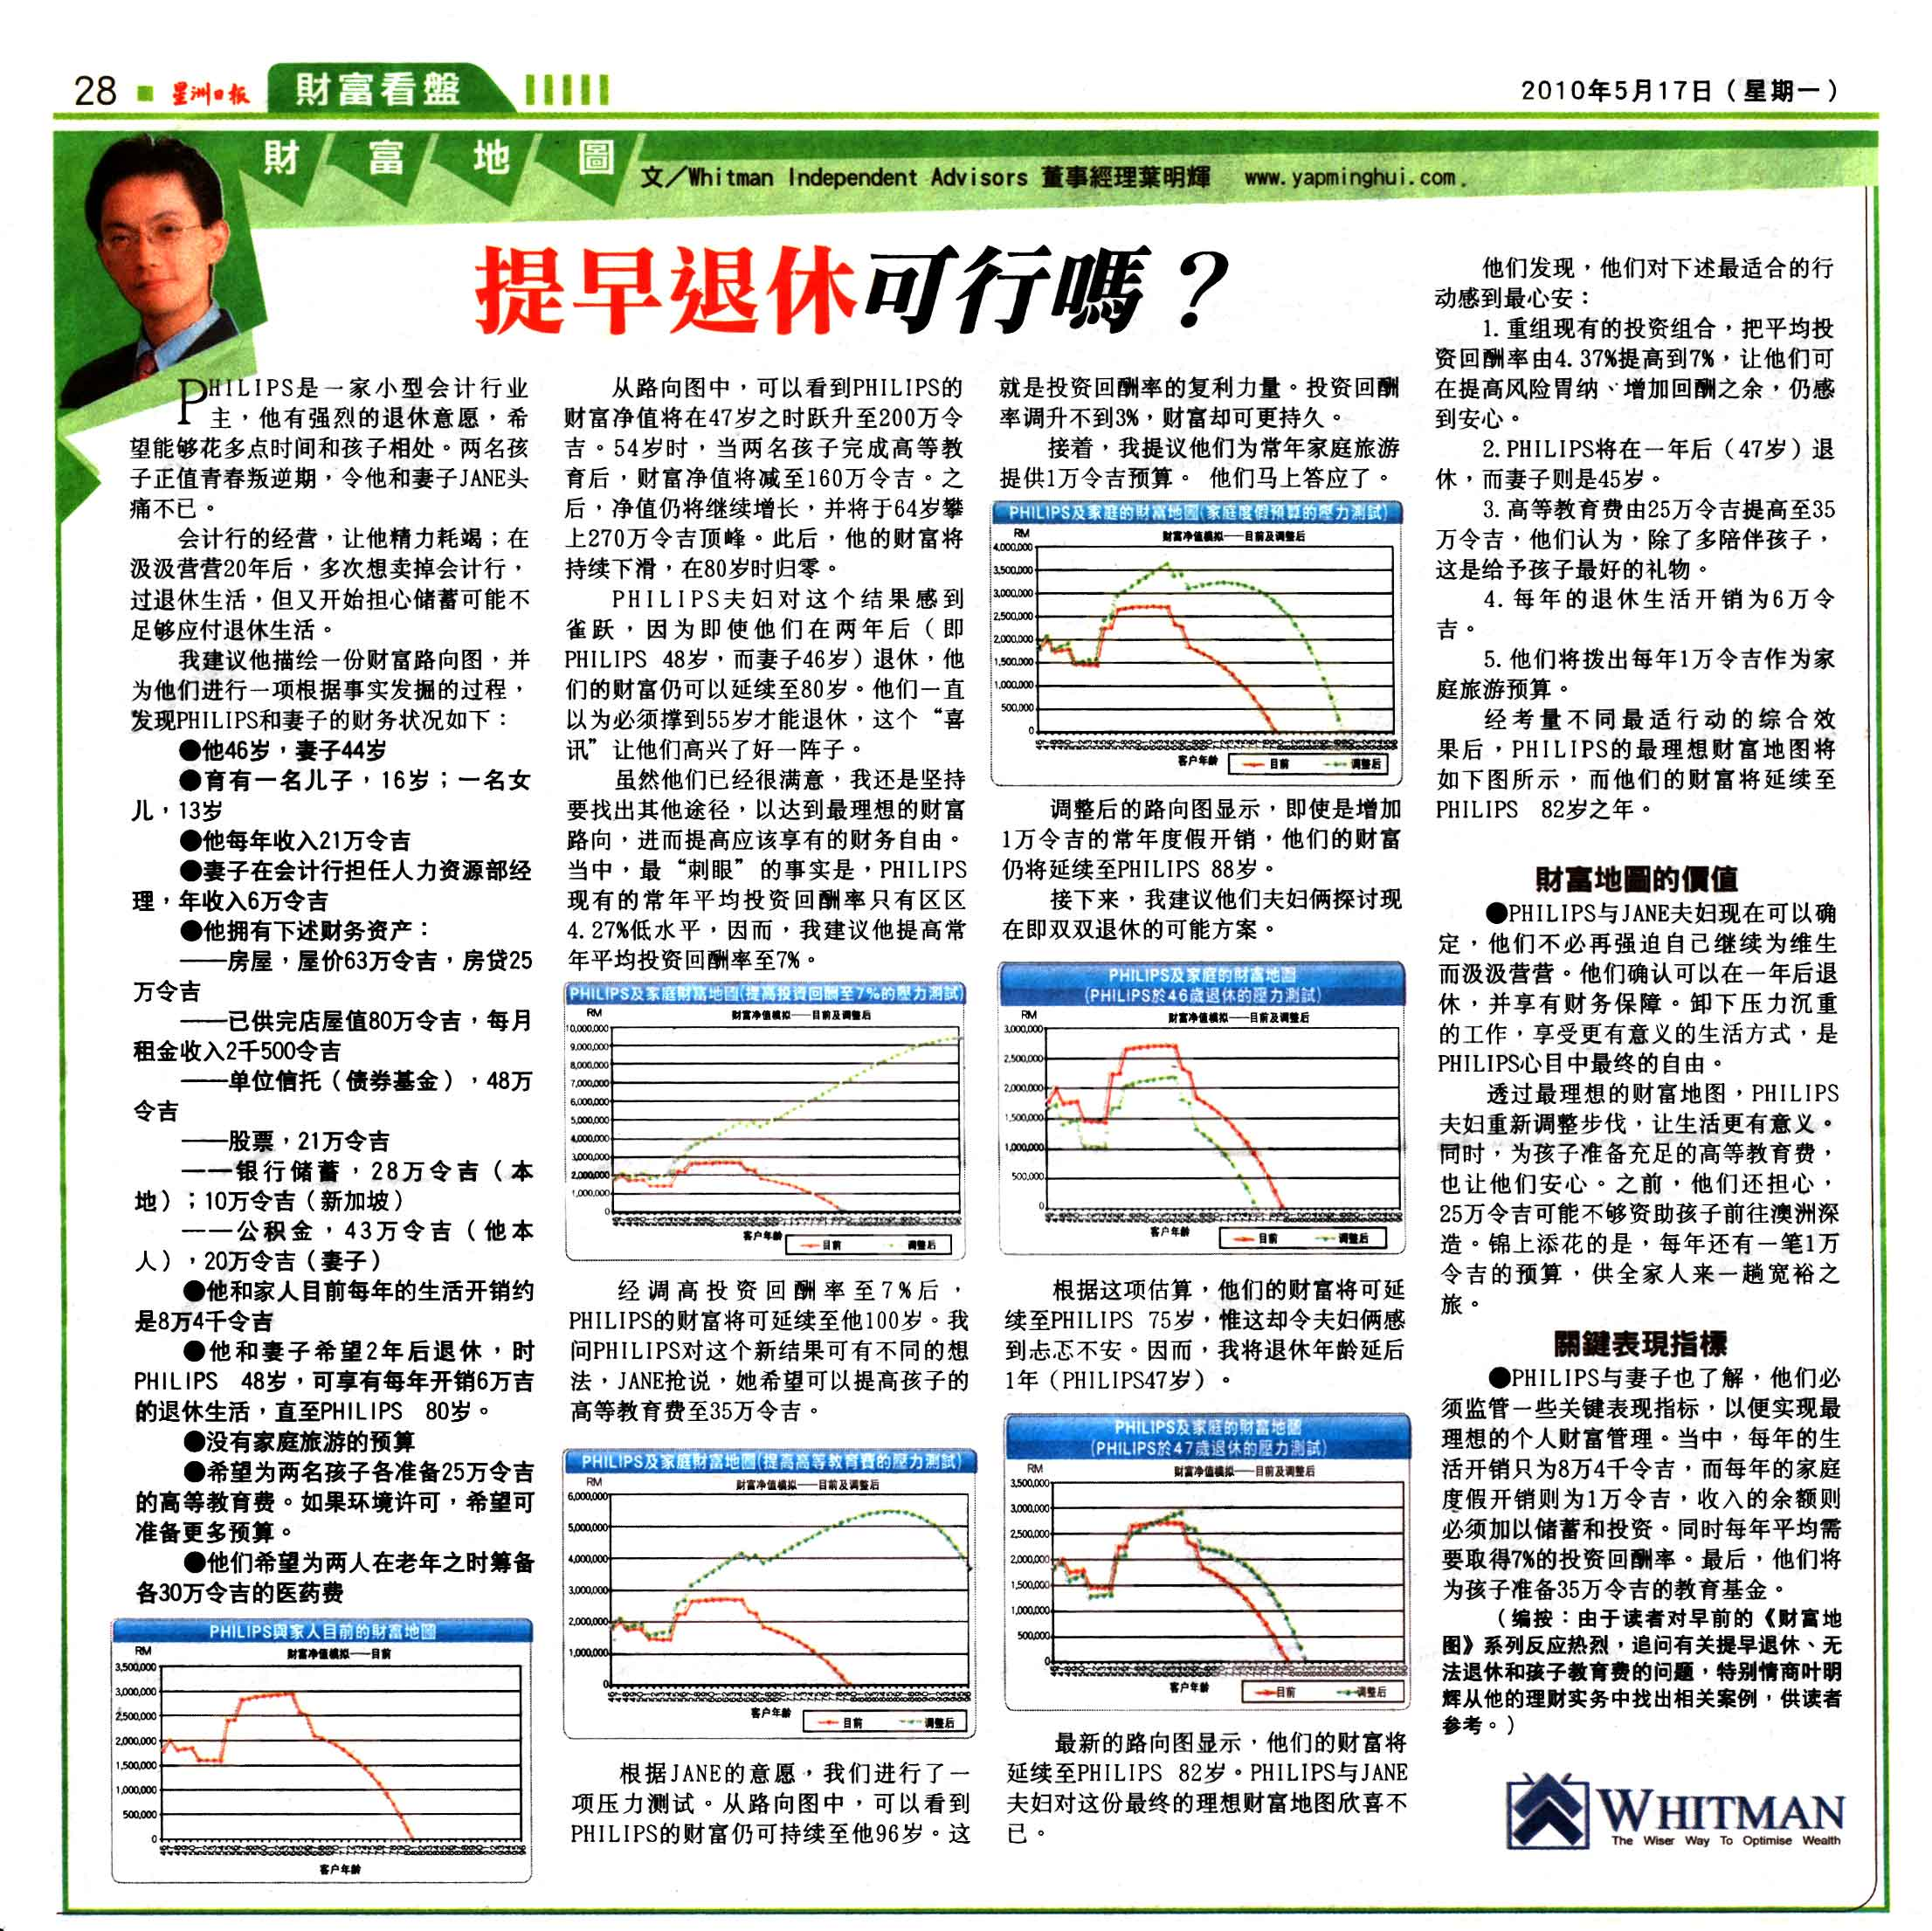 提早退休可行吗?(星洲日报) - 17 May 2010